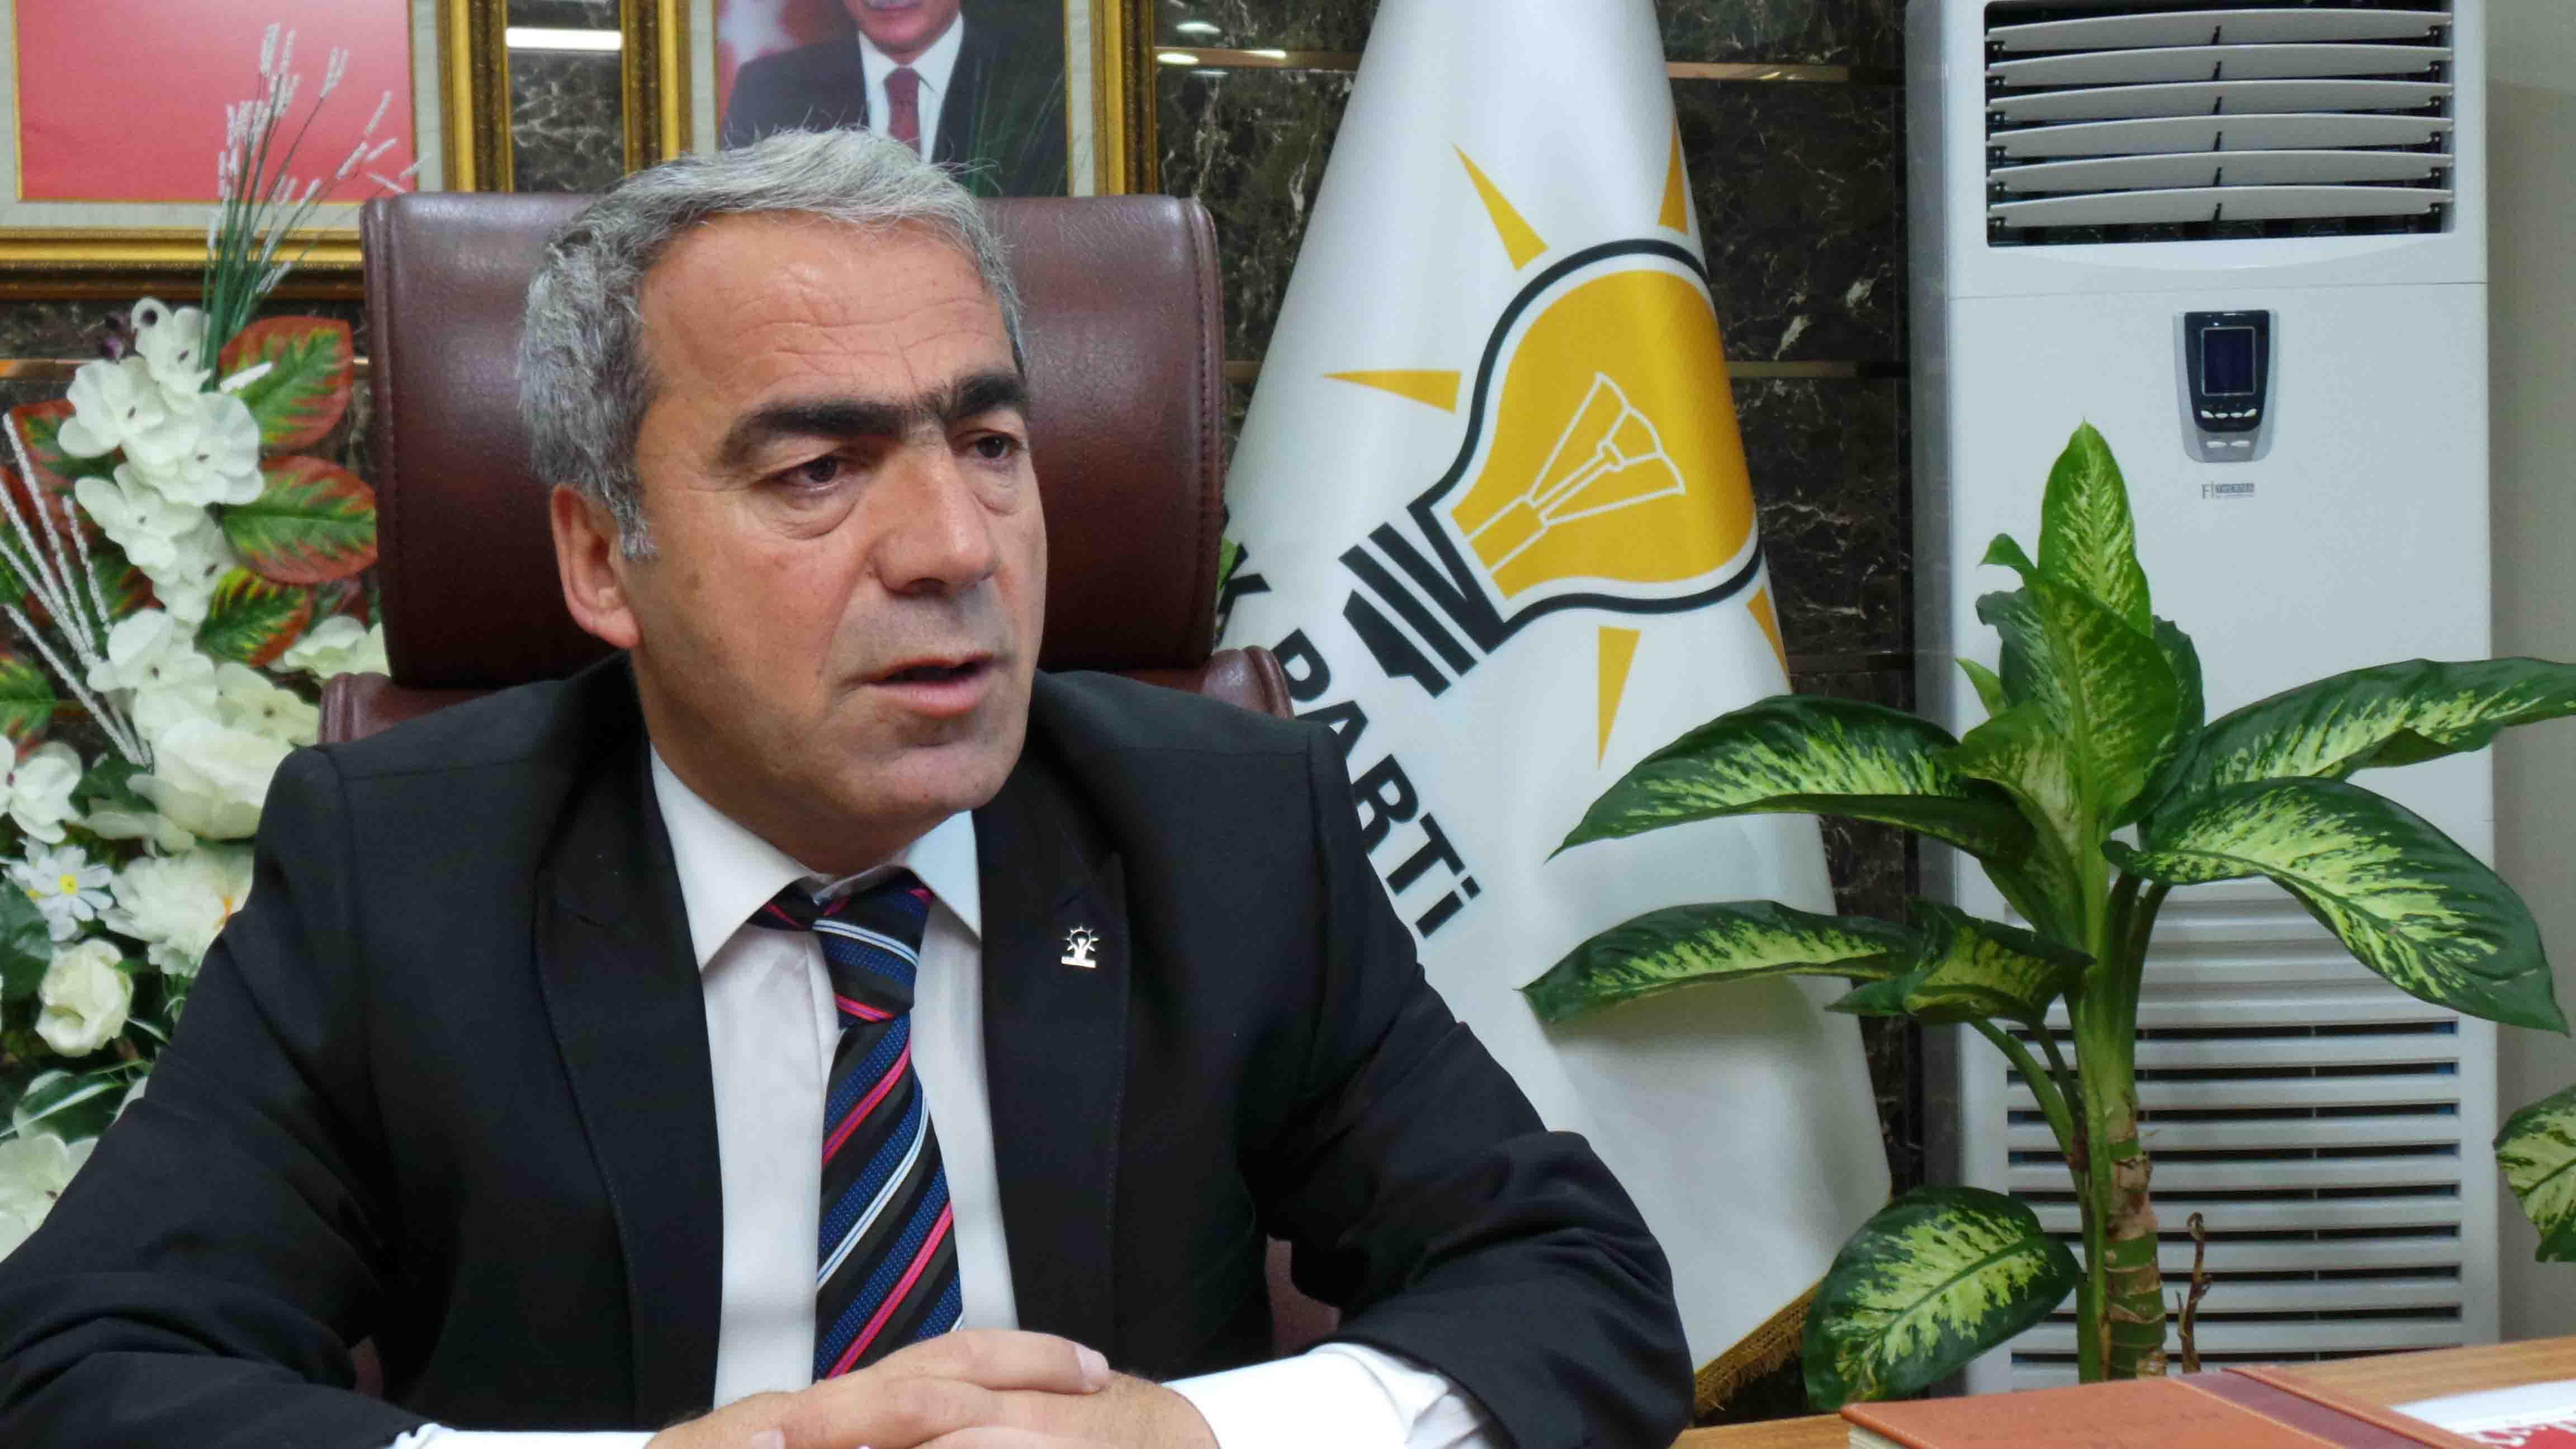 AKP Batman İl Başkanı: Biz bölgede 'Kürdistan' referandumunda 'Evet'i destekliyoruz